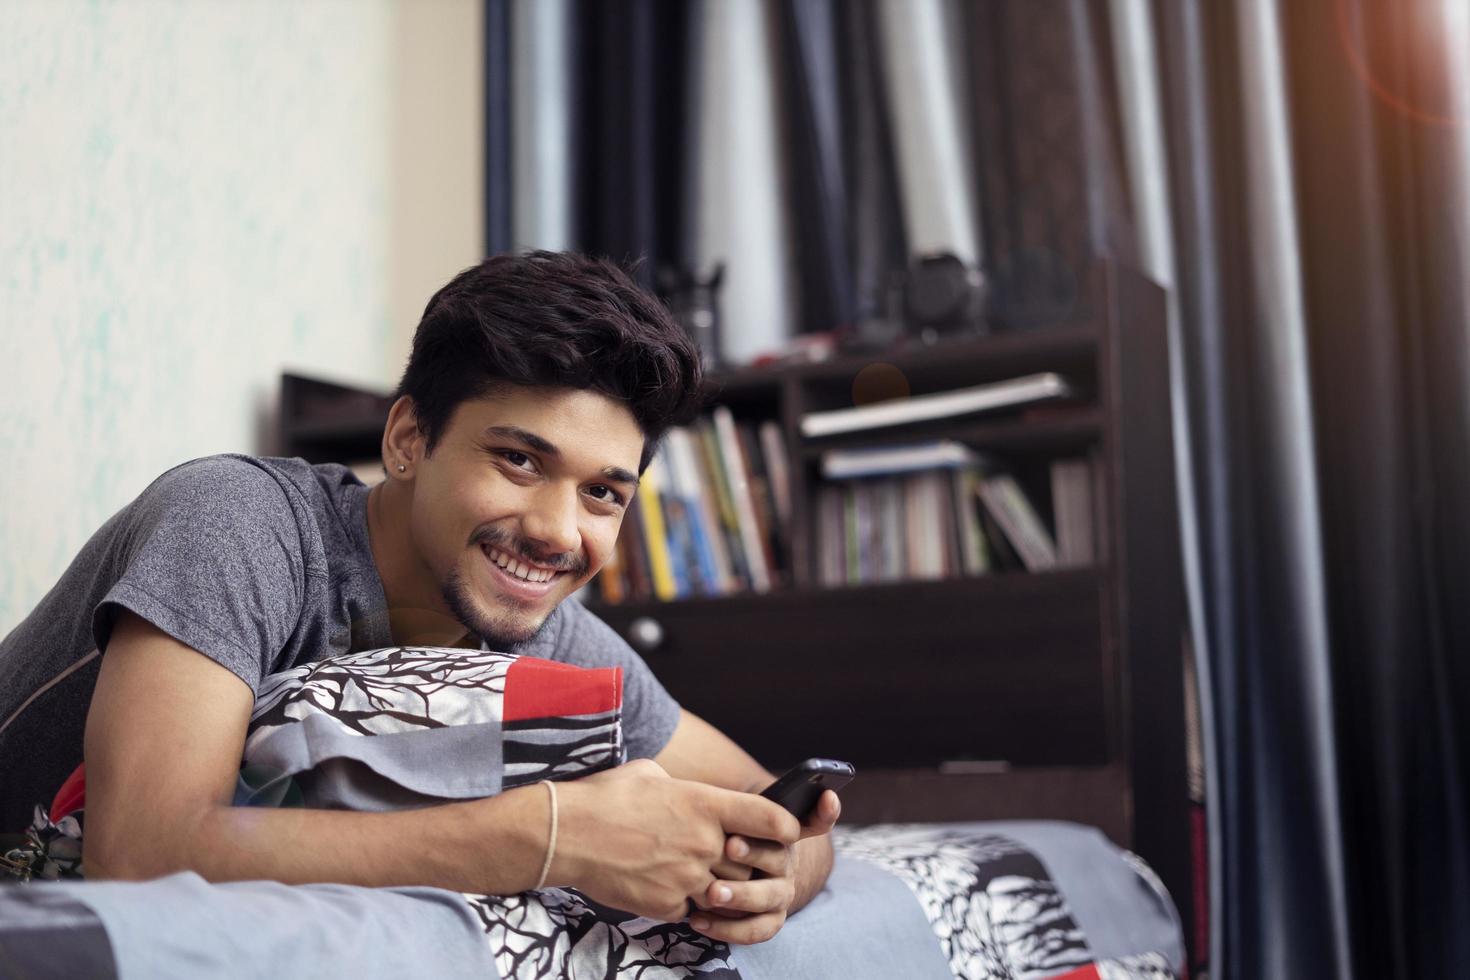 ung indisk pojke som använder sin telefon som ligger på sin säng foto